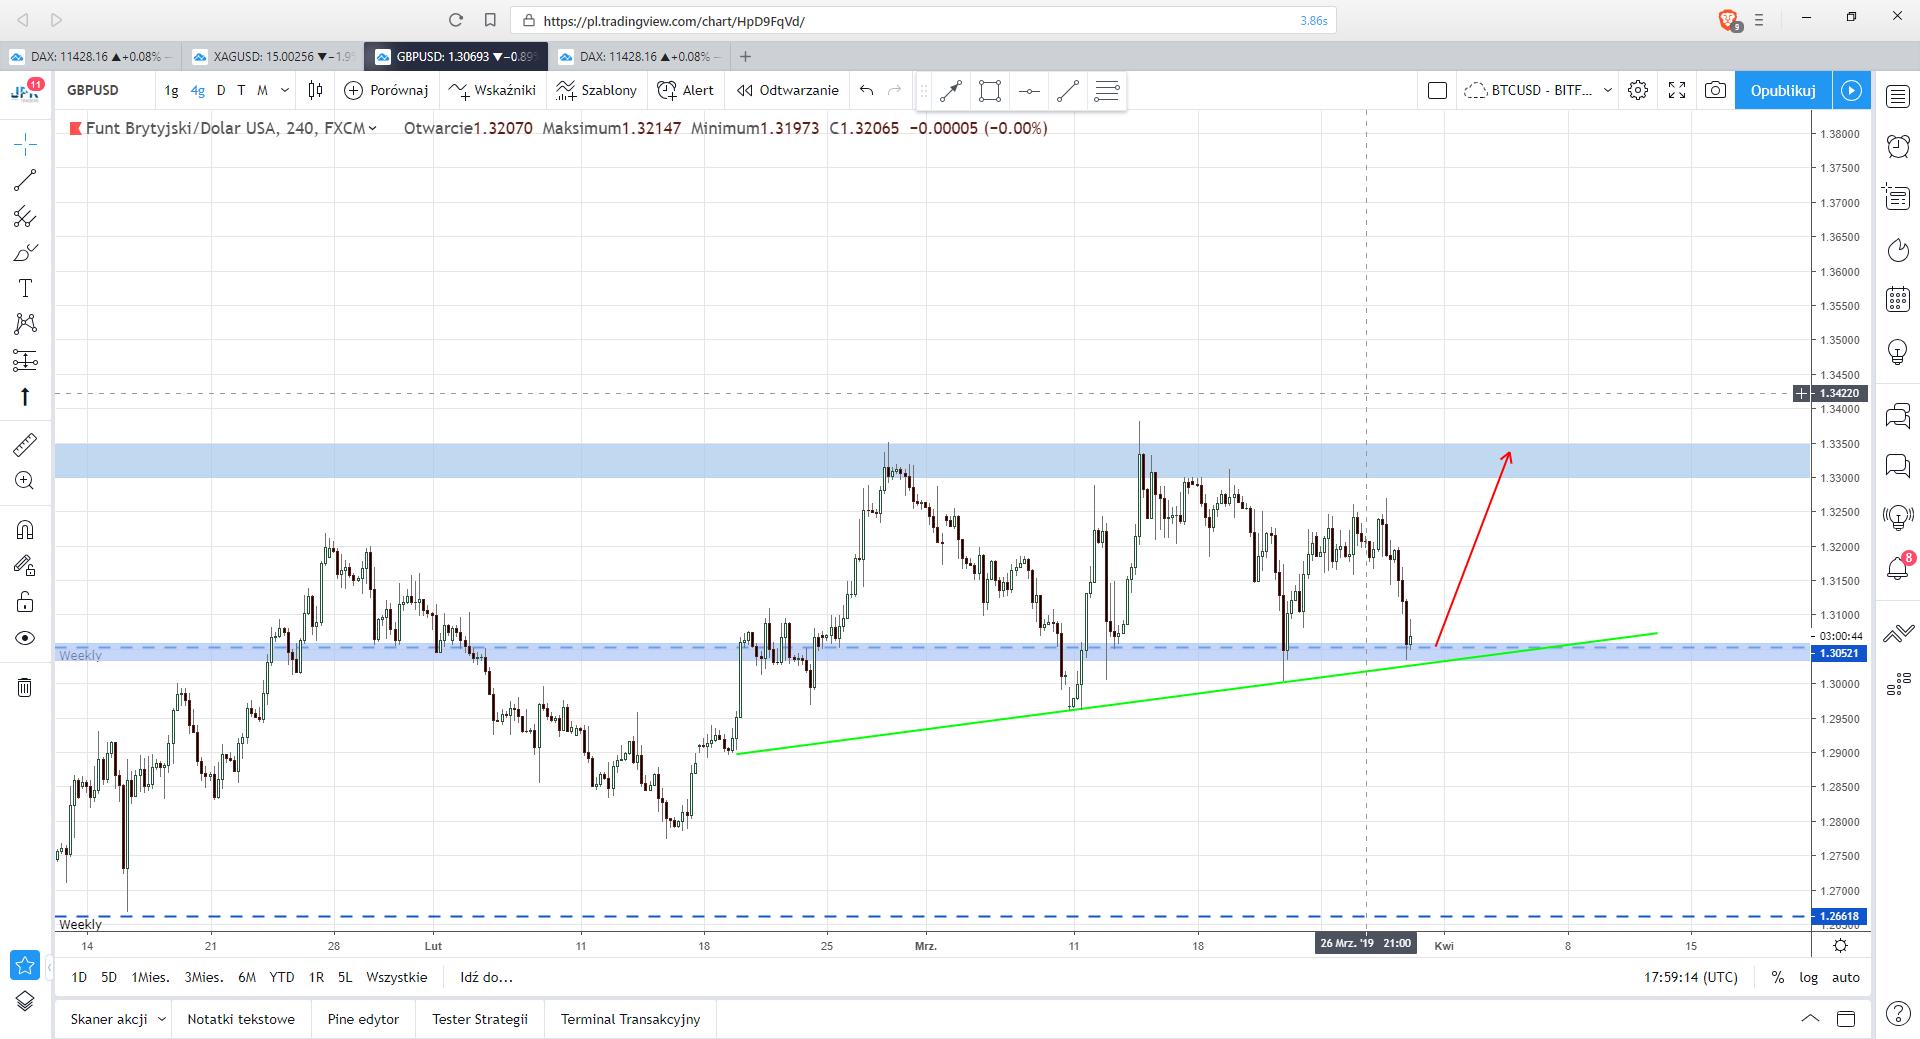 GBP/USD - ostatnie wsparcie przed nowym szczytem. Mocny sygnał kupna w postaci świecy objęcia na wykresie tygodniowym może być silnym zapalnikiem.